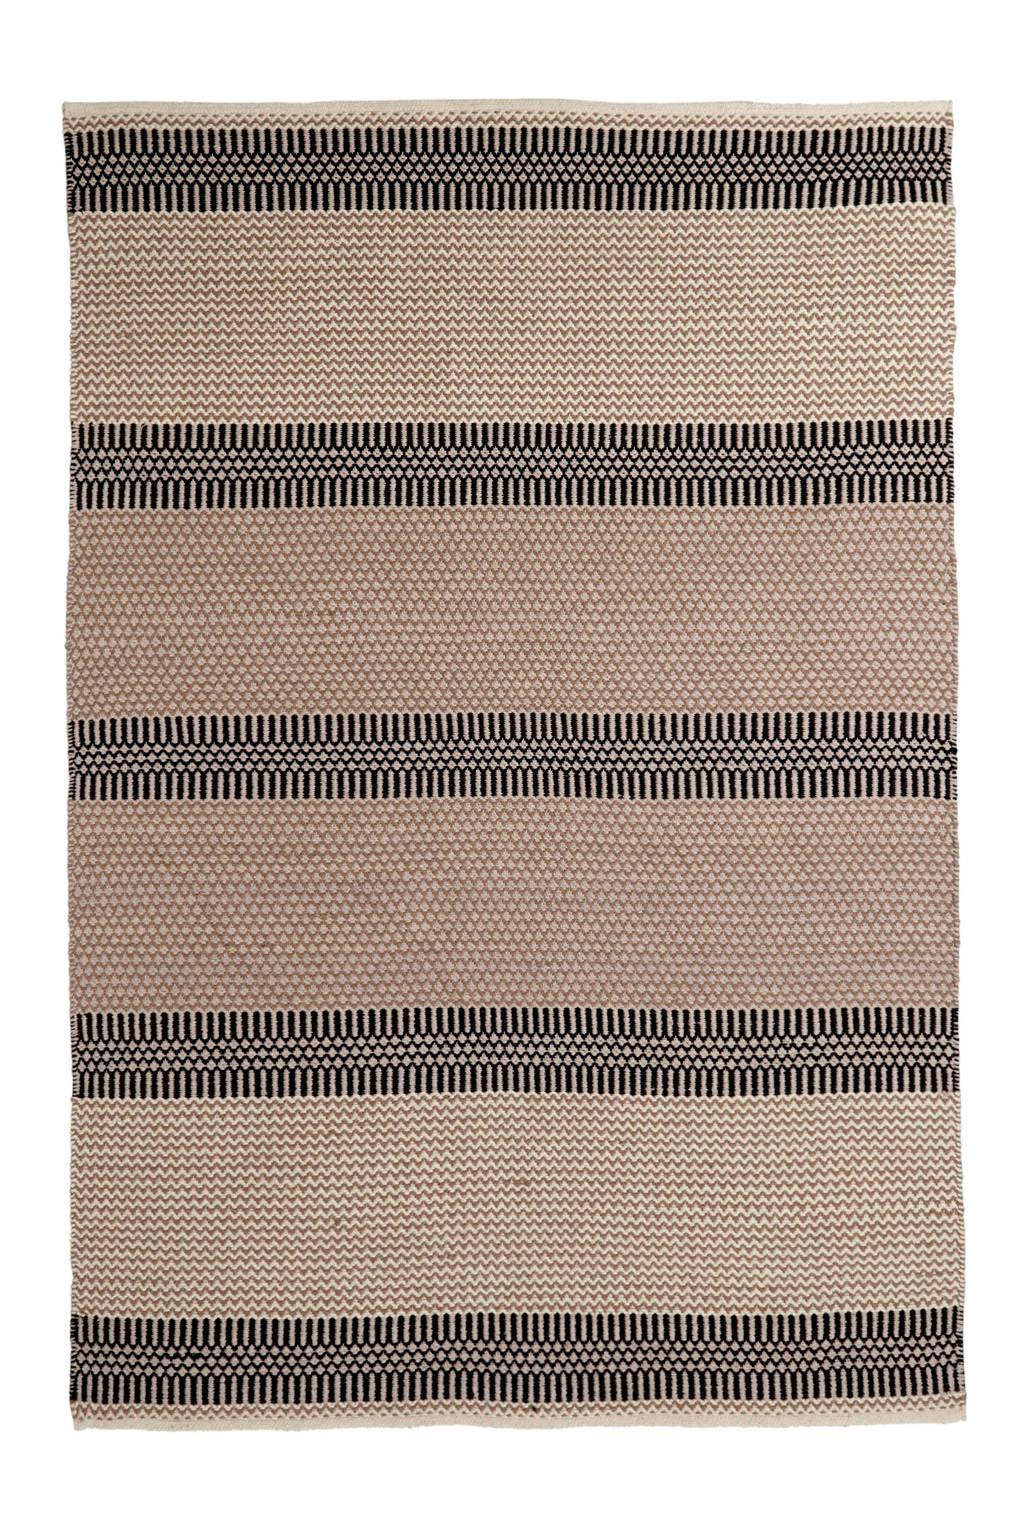 whkmp's own vloerkleed  (230x160 cm), Zwart/bruin